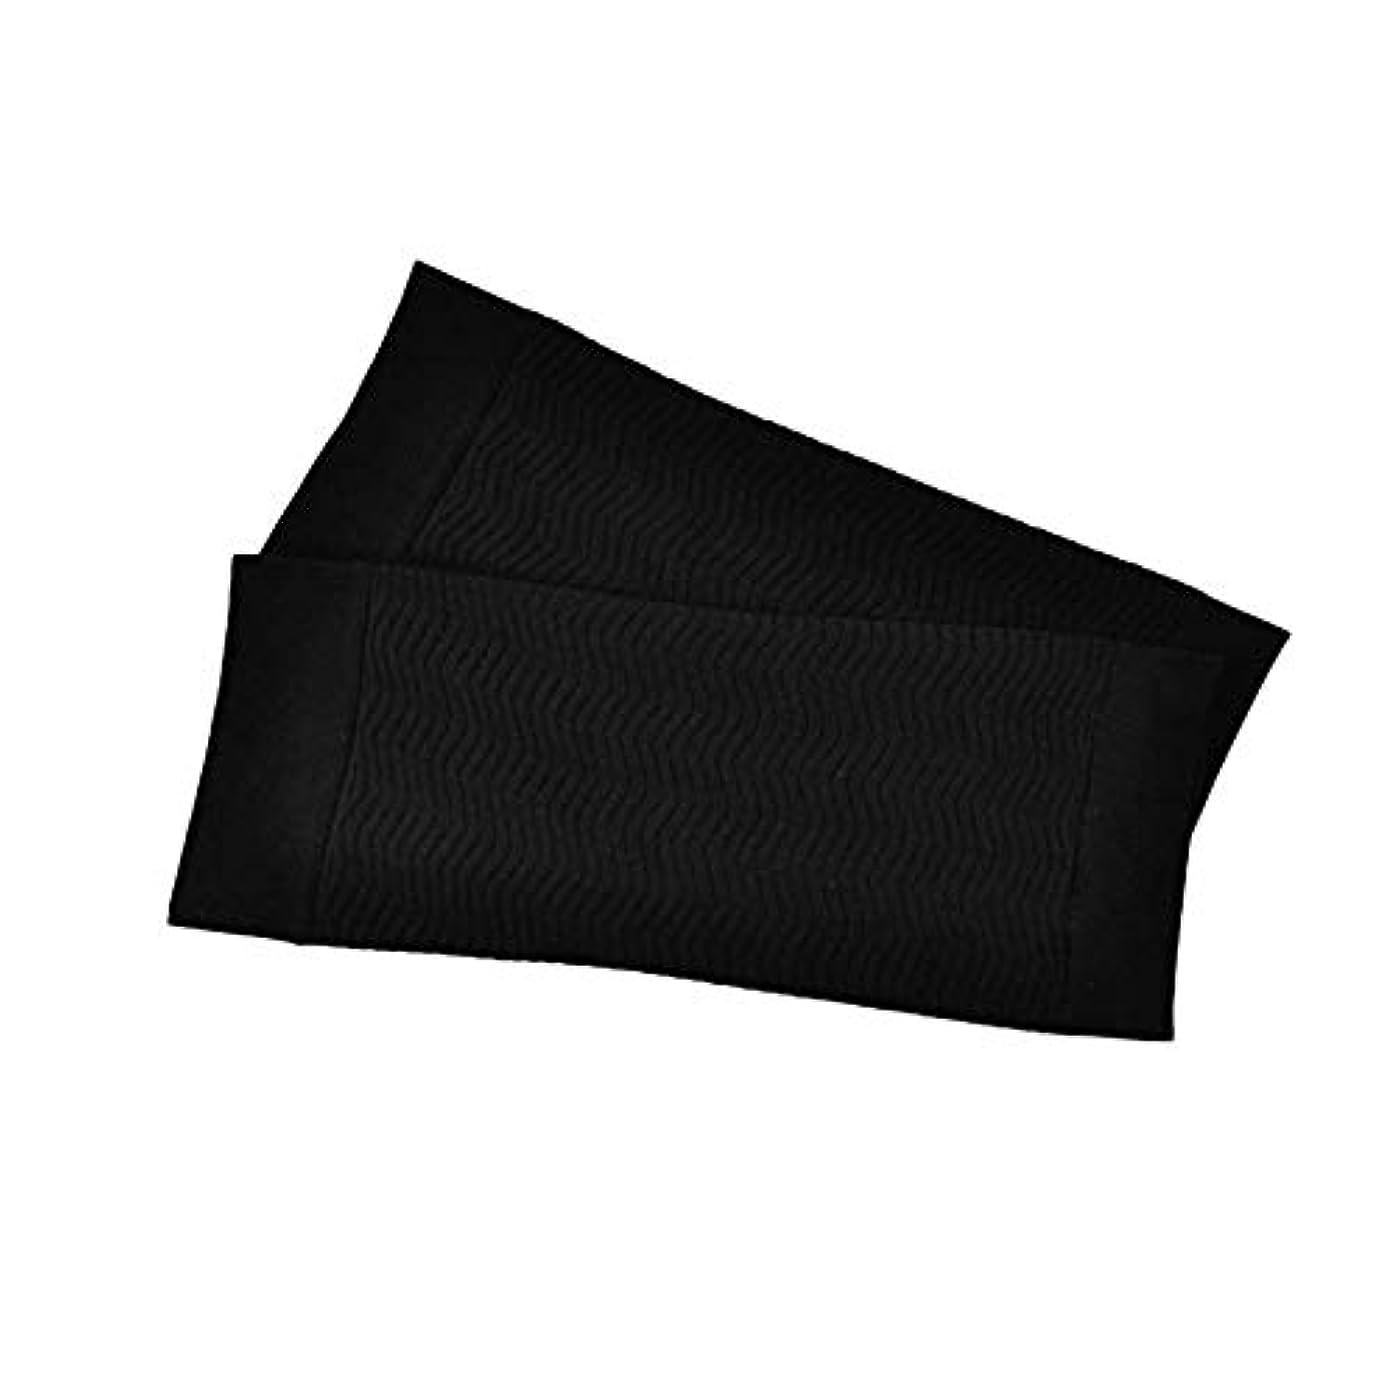 キャプチャー値する熱心1ペア680 D圧縮アームシェイパーワークアウトトーニングバーンセルライトスリミングアームスリーブ脂肪燃焼半袖用女性 - ブラック